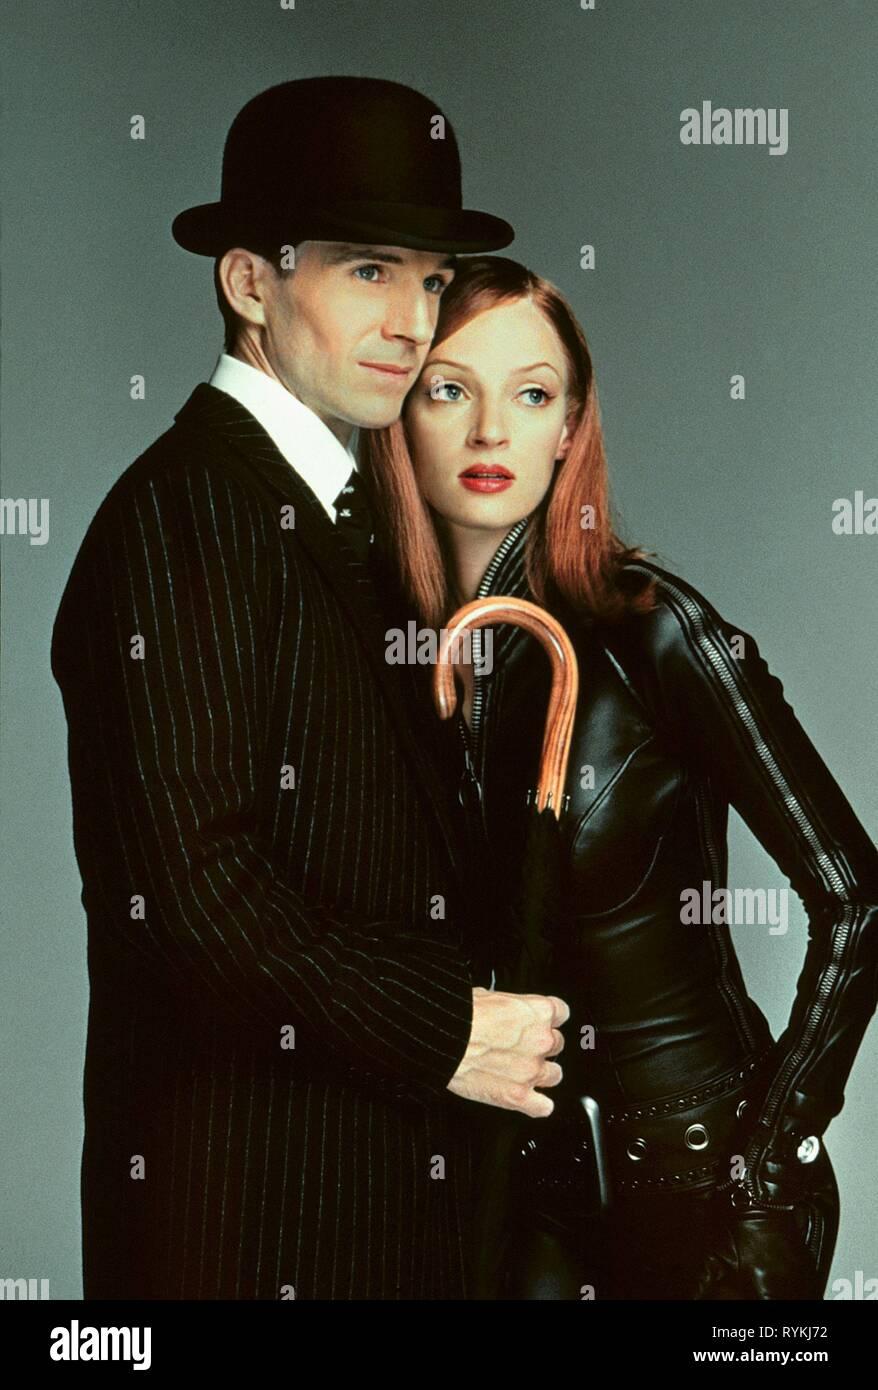 Mit schirm charme und melone 1998